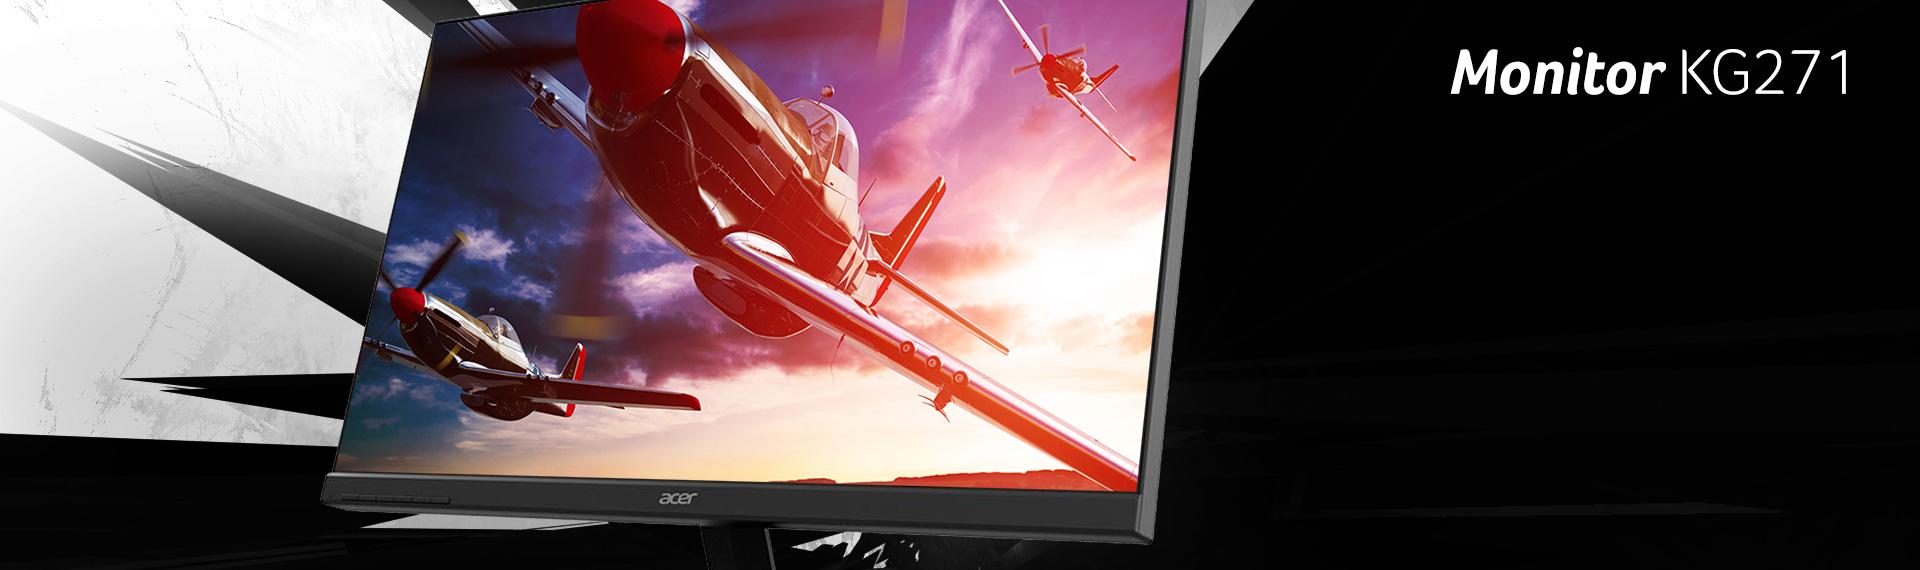 Gaming Monitor KG271: Layar Terbaik untuk Tampilkan Game Favoritmu